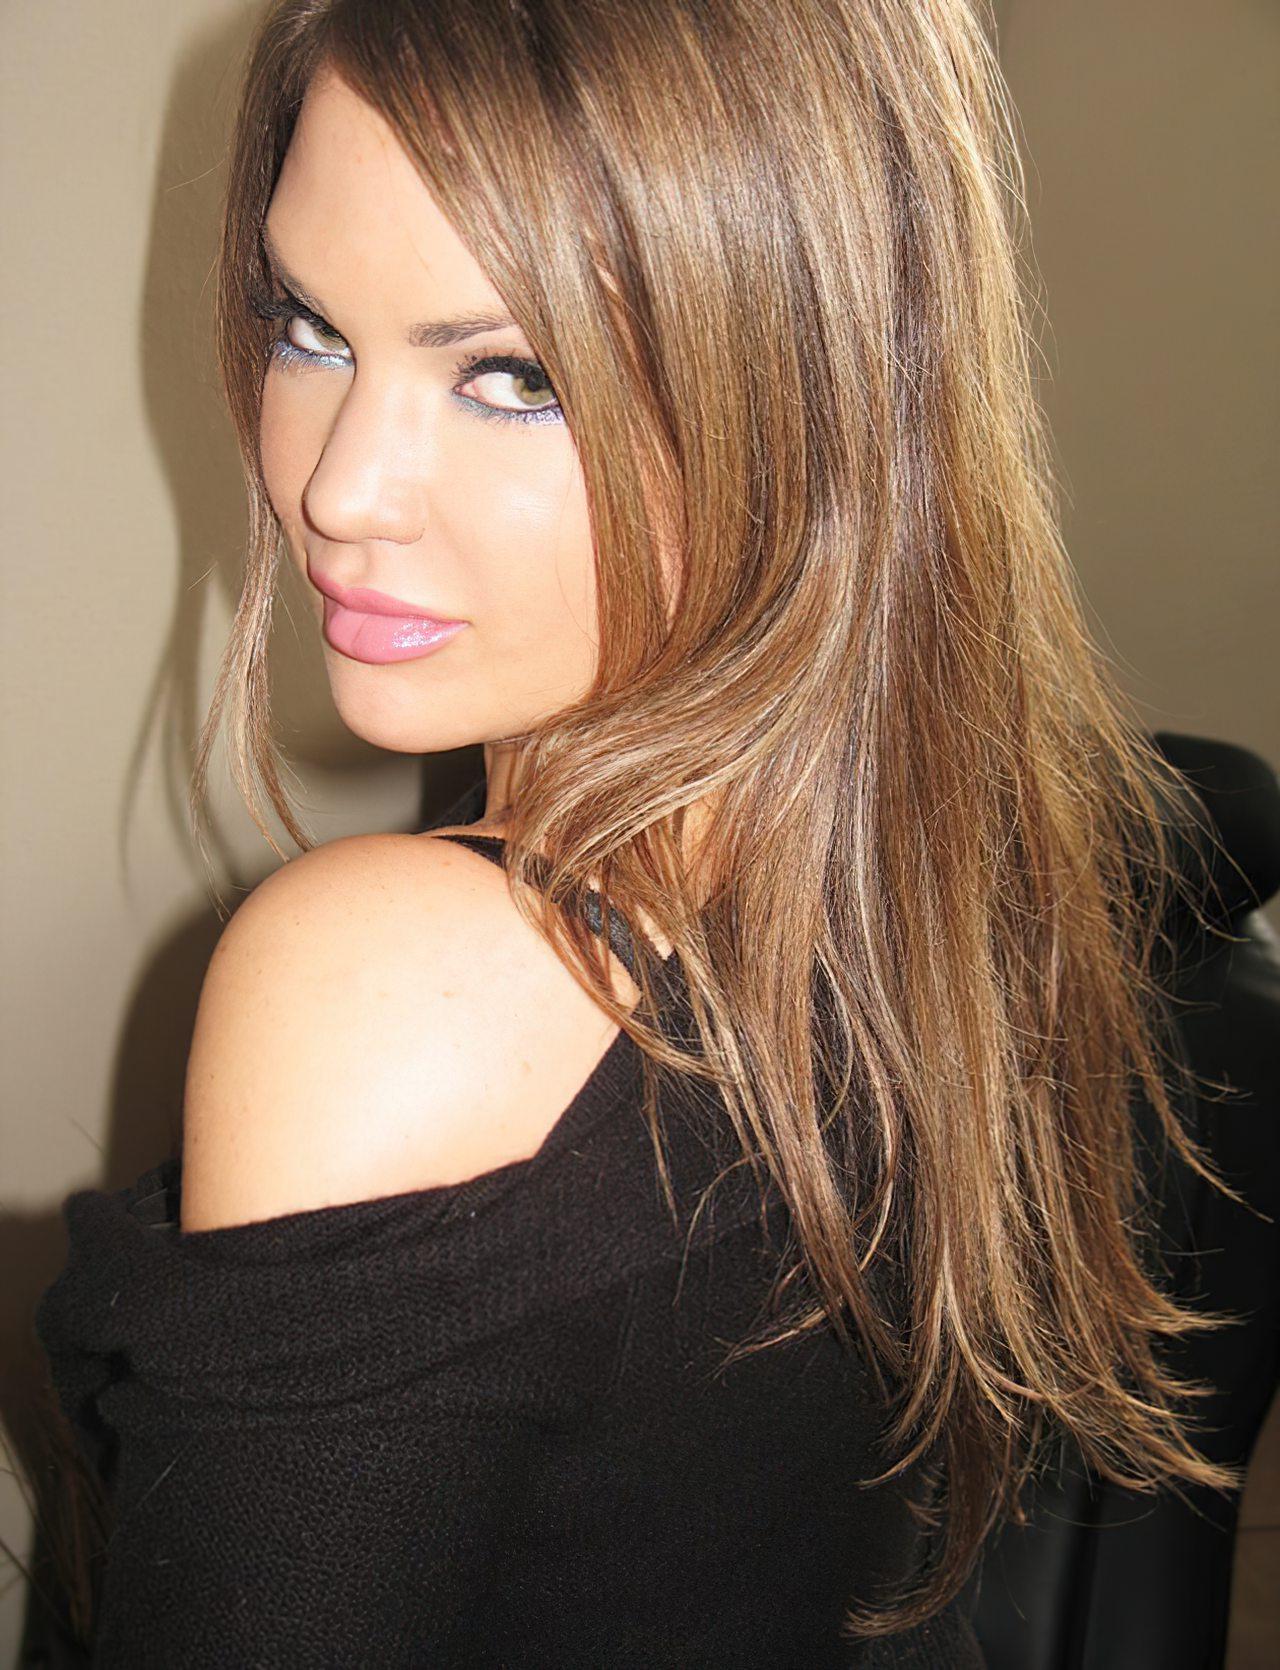 Namorada Safadinha (58)